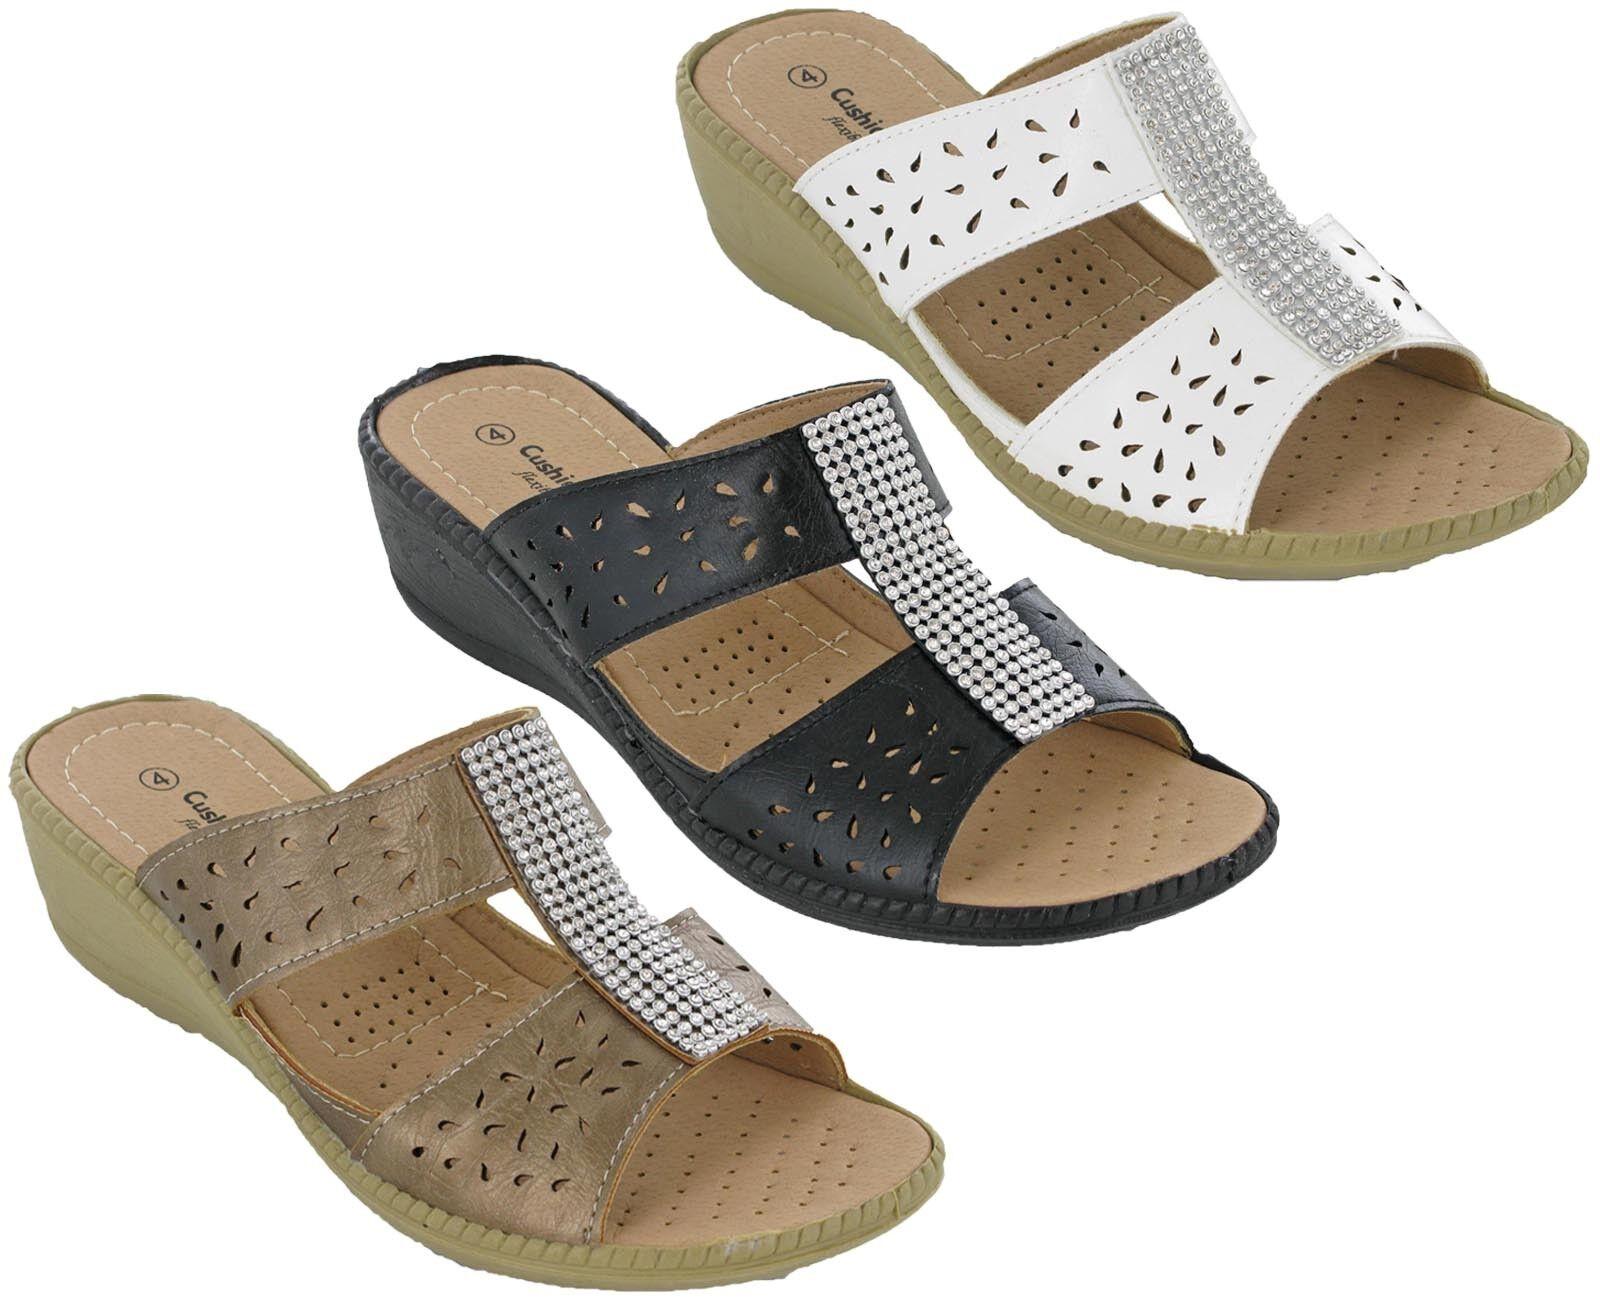 Cushion Walk ohne Zehenfrei Bügel Sandalen Leichte Komfortable Zehenfrei ohne Juwel Bar 1ad111